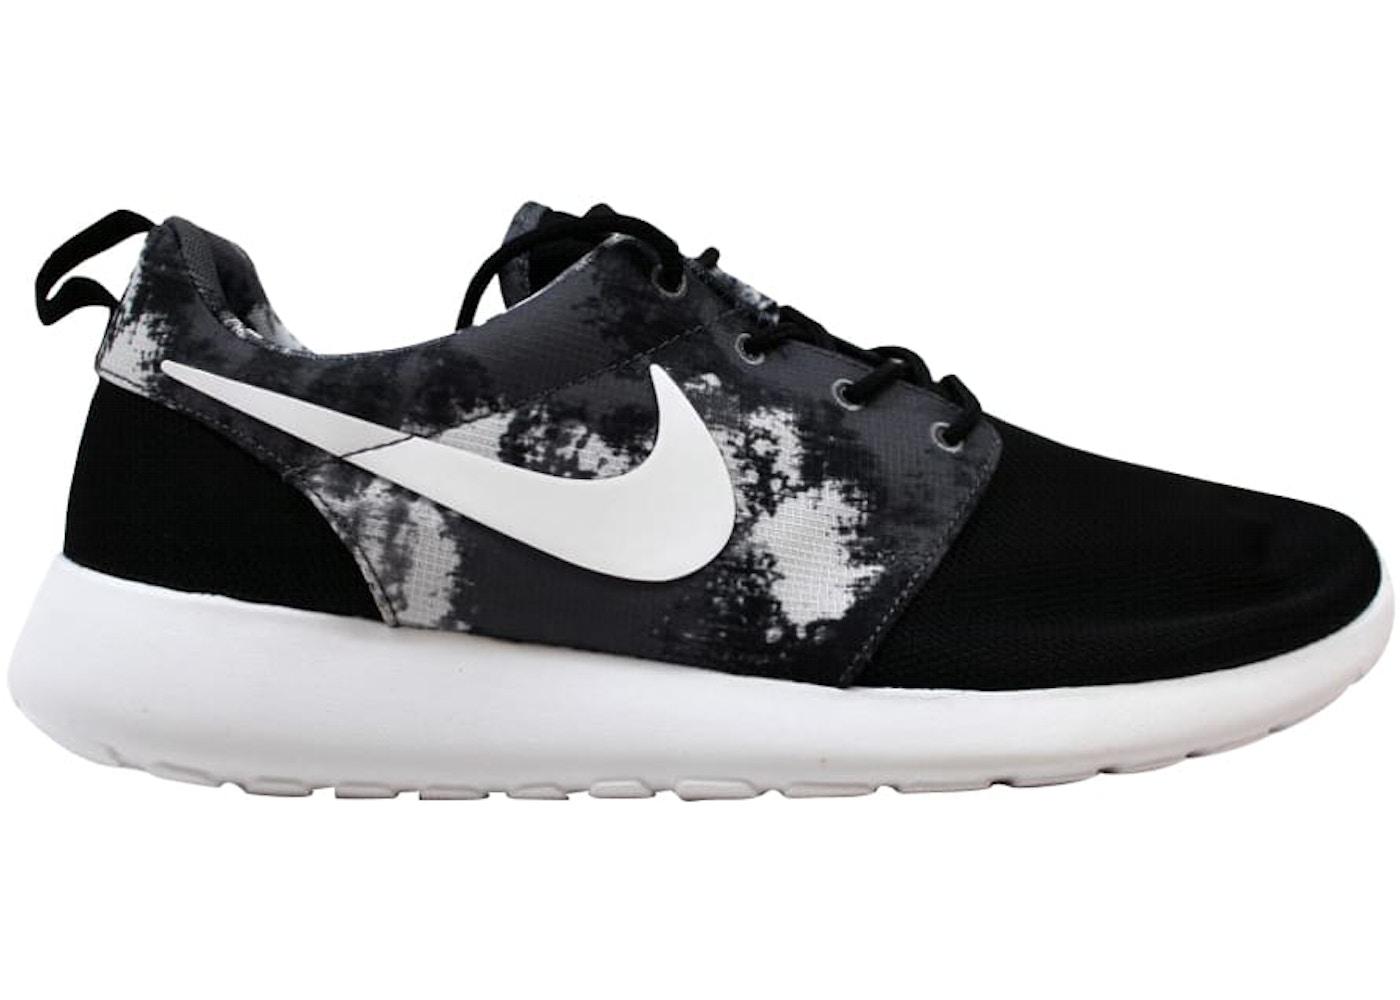 277881bf8ea2 Nike Rosherun Print Black White-Cool Grey (W) - 599432-010